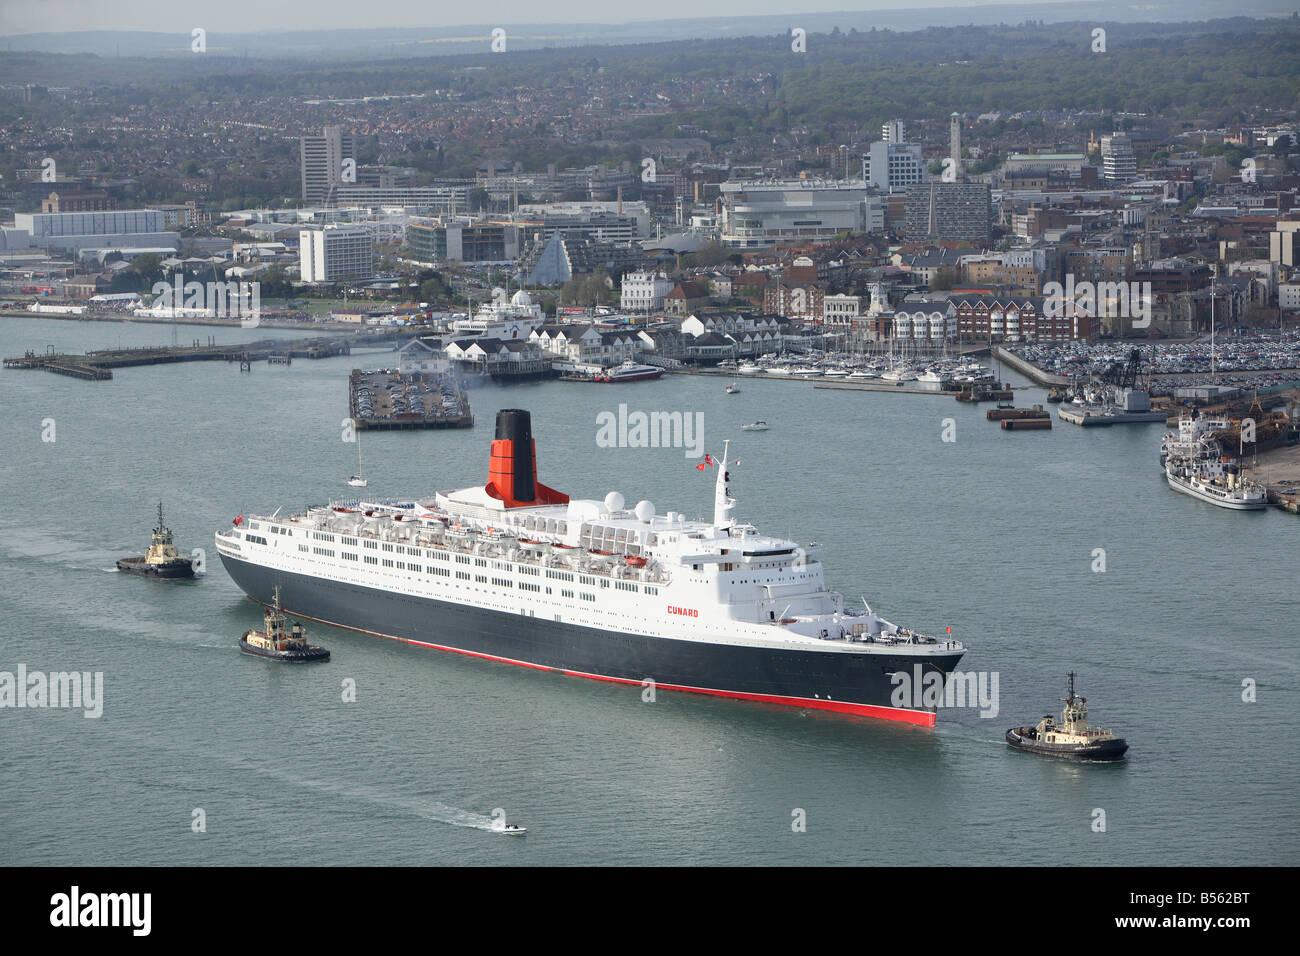 QE2, el Queen Elizabeth 2, dejando Southampton en su último world cruise antes de la jubilación. Foto Imagen De Stock